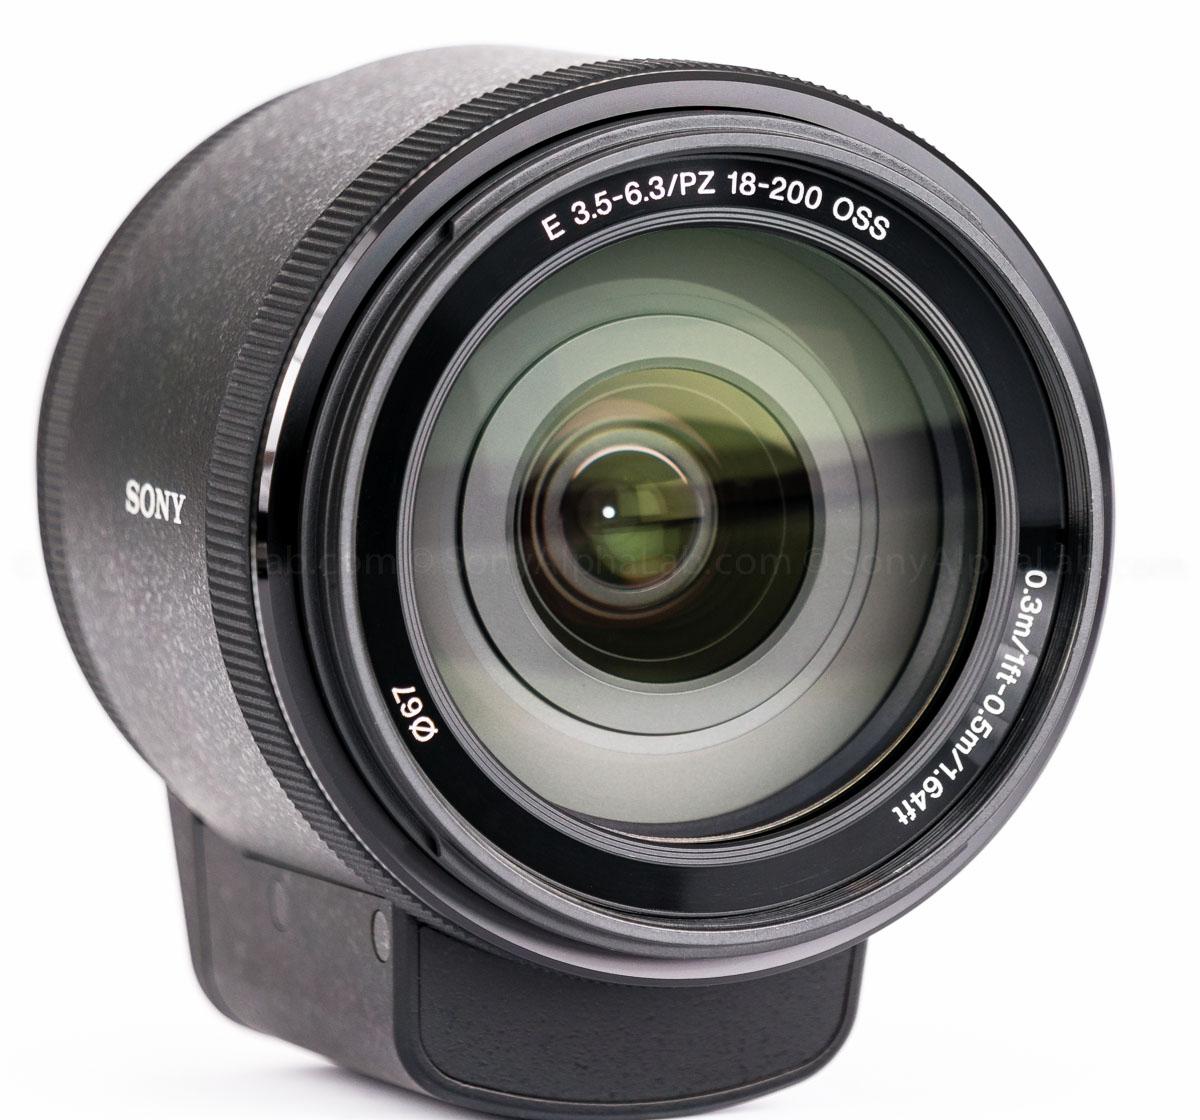 Sony 18-200mm f/3.5-6.3 PZ OSS E-mount Lens